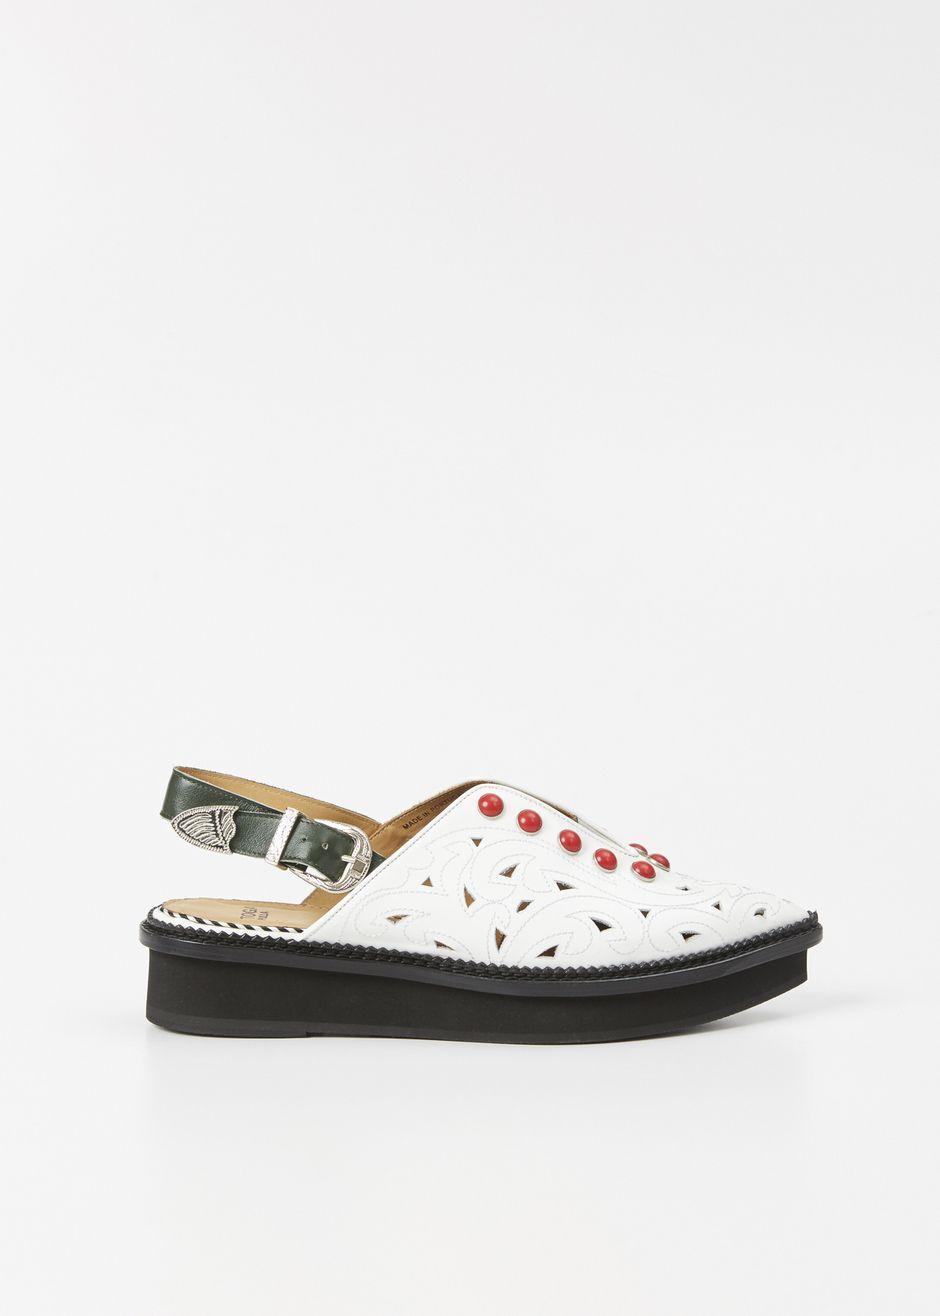 TOGA PULLA Studded Polido Sandal KlQgNbp3GI